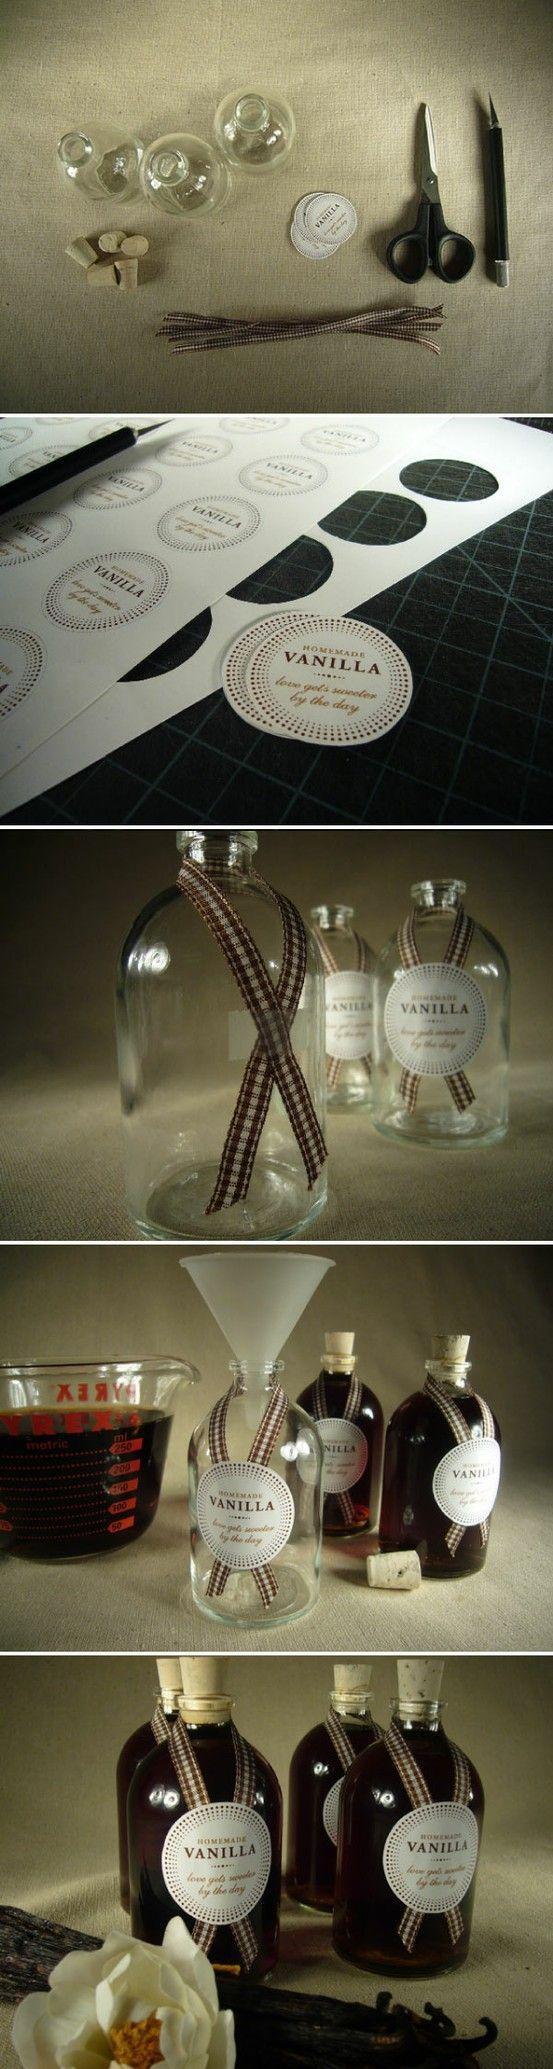 edle flaschen f r die k che expertentipps haushalt organisation pinterest geschenke. Black Bedroom Furniture Sets. Home Design Ideas